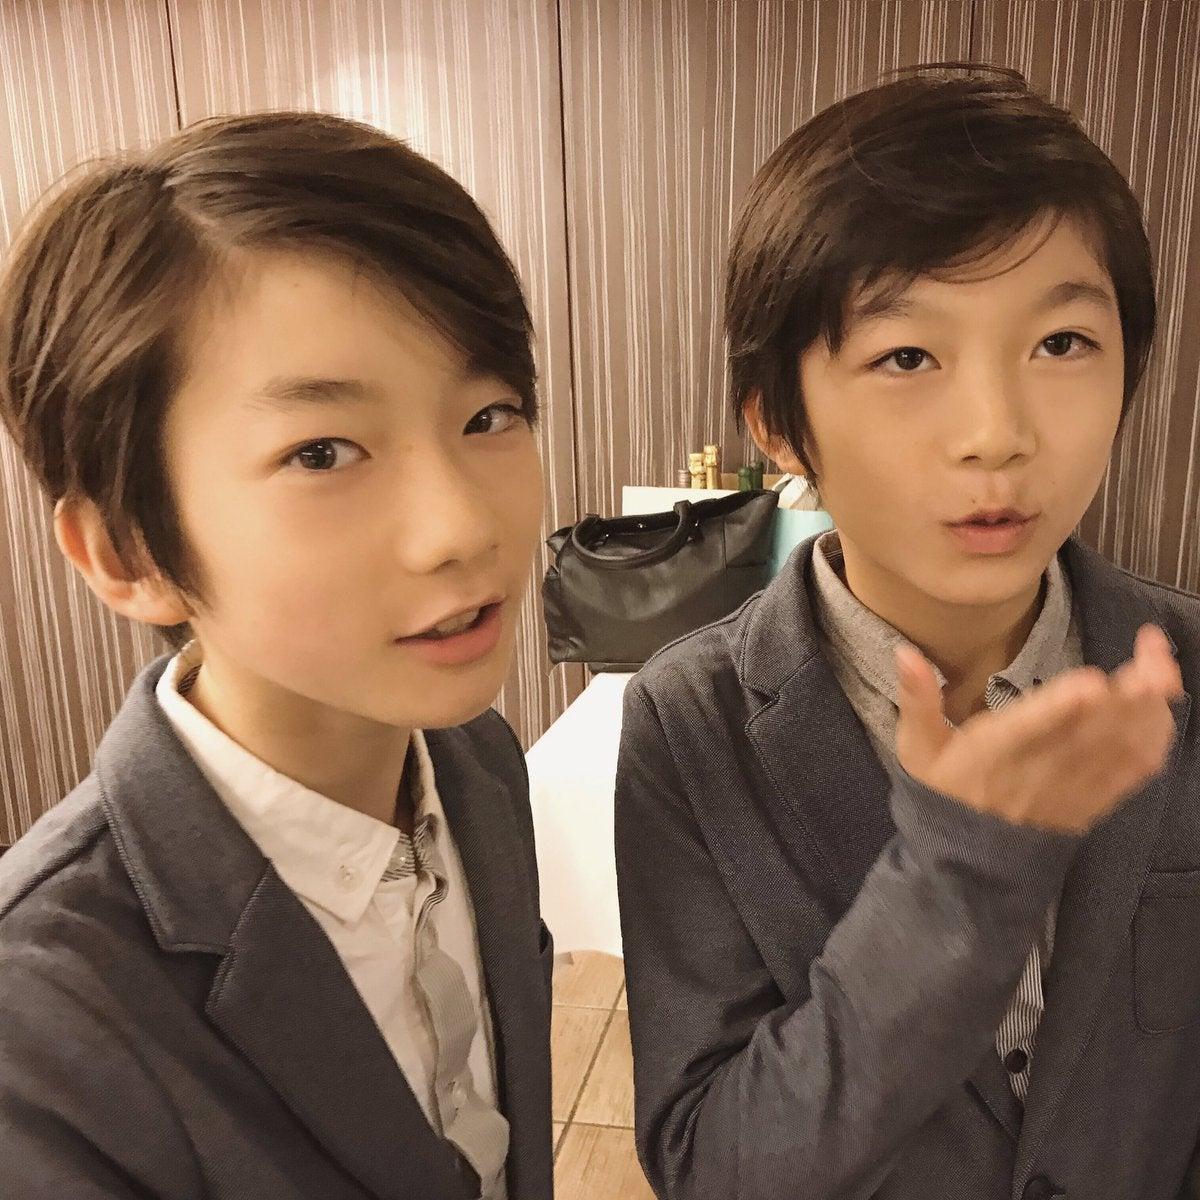 英亞&英蘭兄弟(臺灣)/TFBOYS(中國)/NCT(韓國)   とりとんのTV少年倶楽部2020